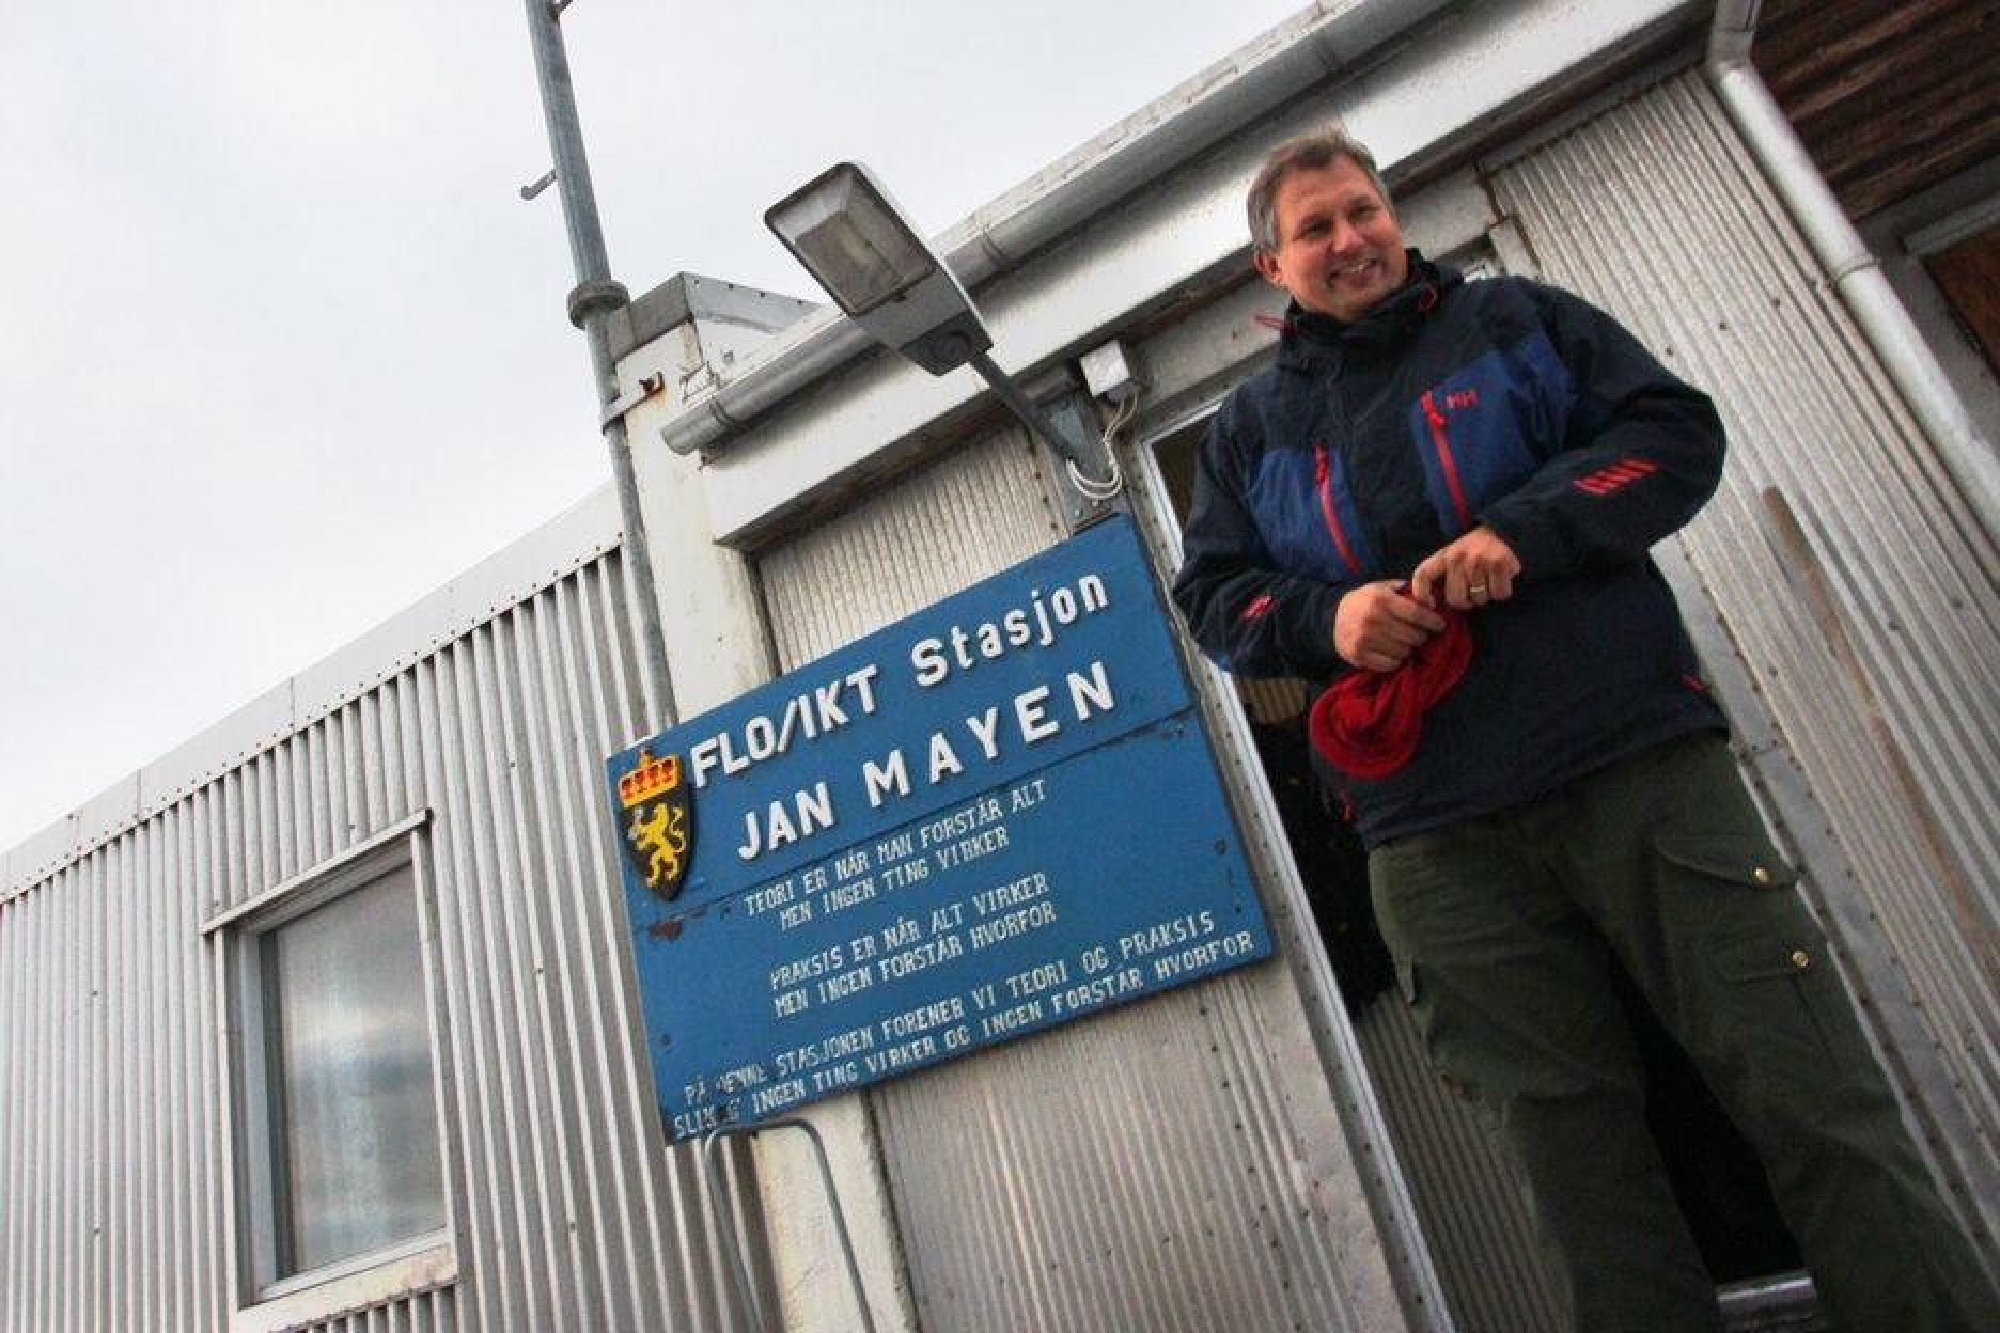 PÅ JAN MAYEN: Her er Terje Riis-Johansen på Jan Mayen. Nå skal det skytes mer seismikk i havområdene utenfor, samt i Barentshavet. Kostnad: 180 millioner kroner.